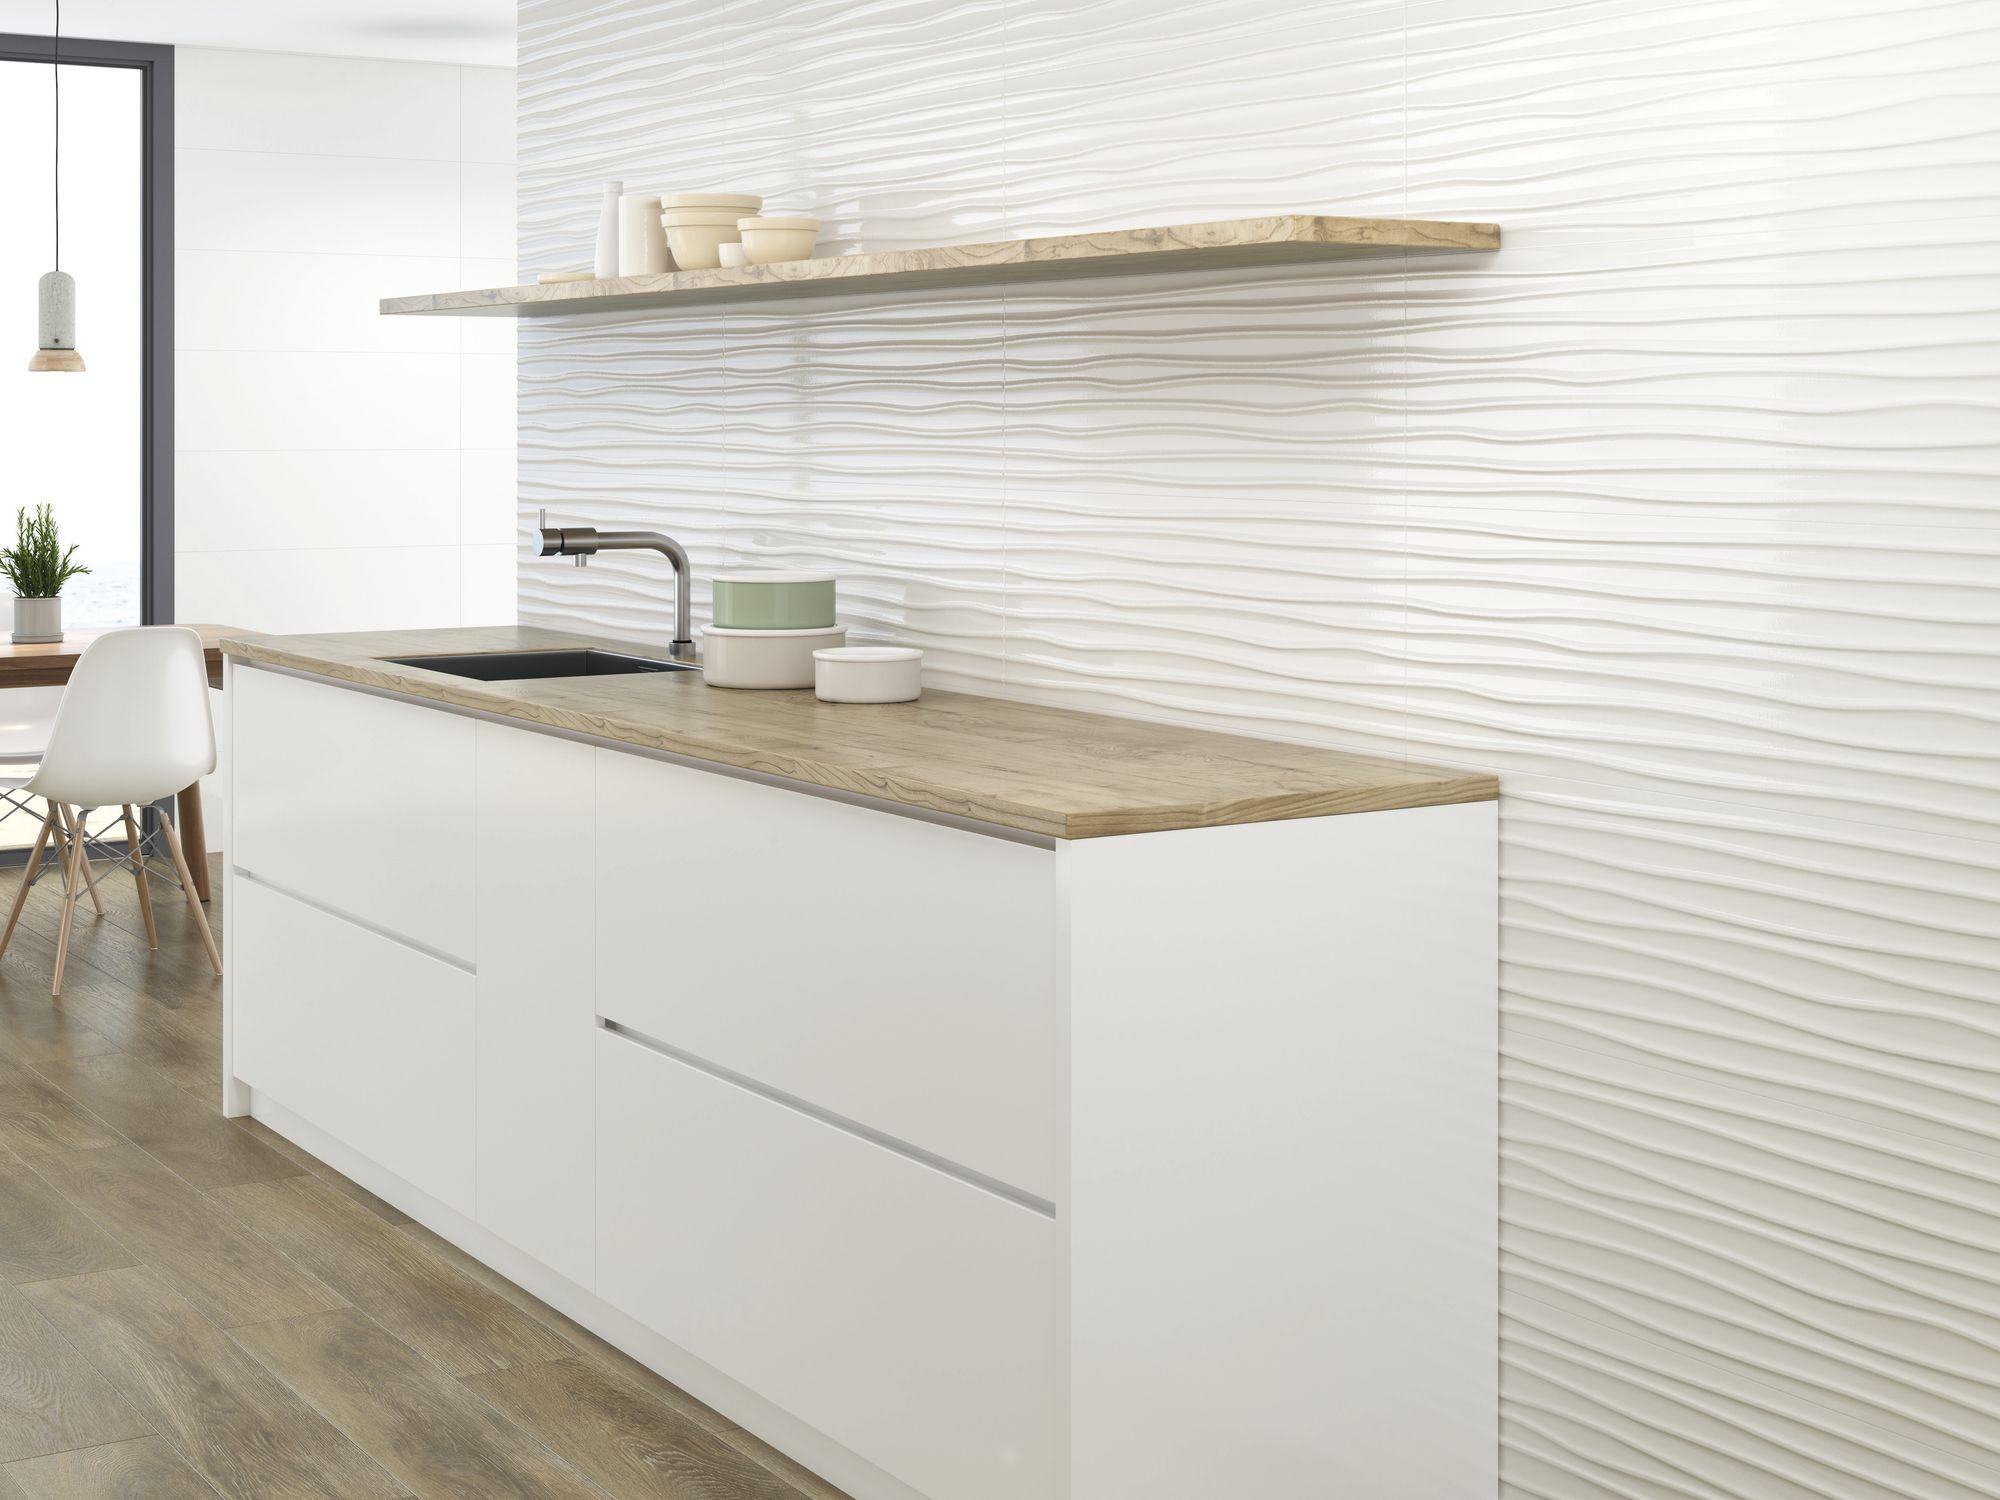 Blanco Brillo 30x90 cm. Relieve Wellen Blanco Brillo 30x90 cm. Pavimento Eleganza Roble 20 x 114 cm.